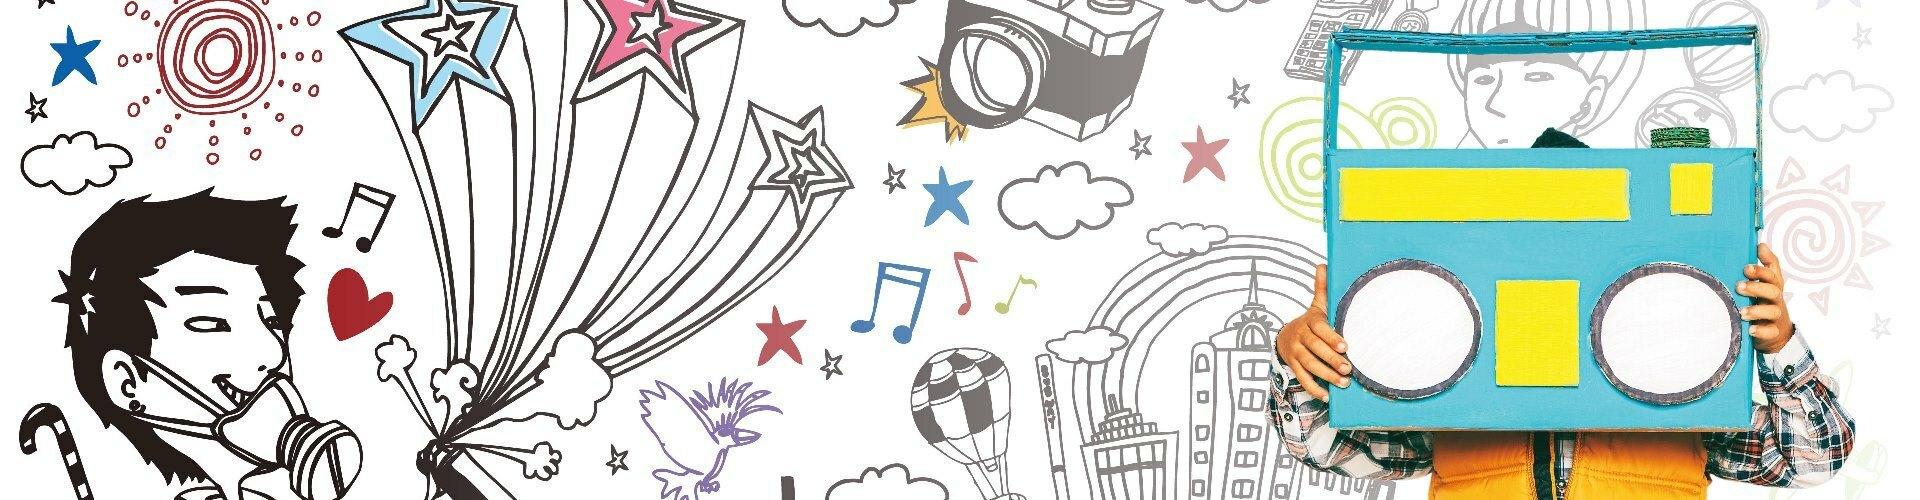 Förderangebote für Mach Dein Radio-Schulen